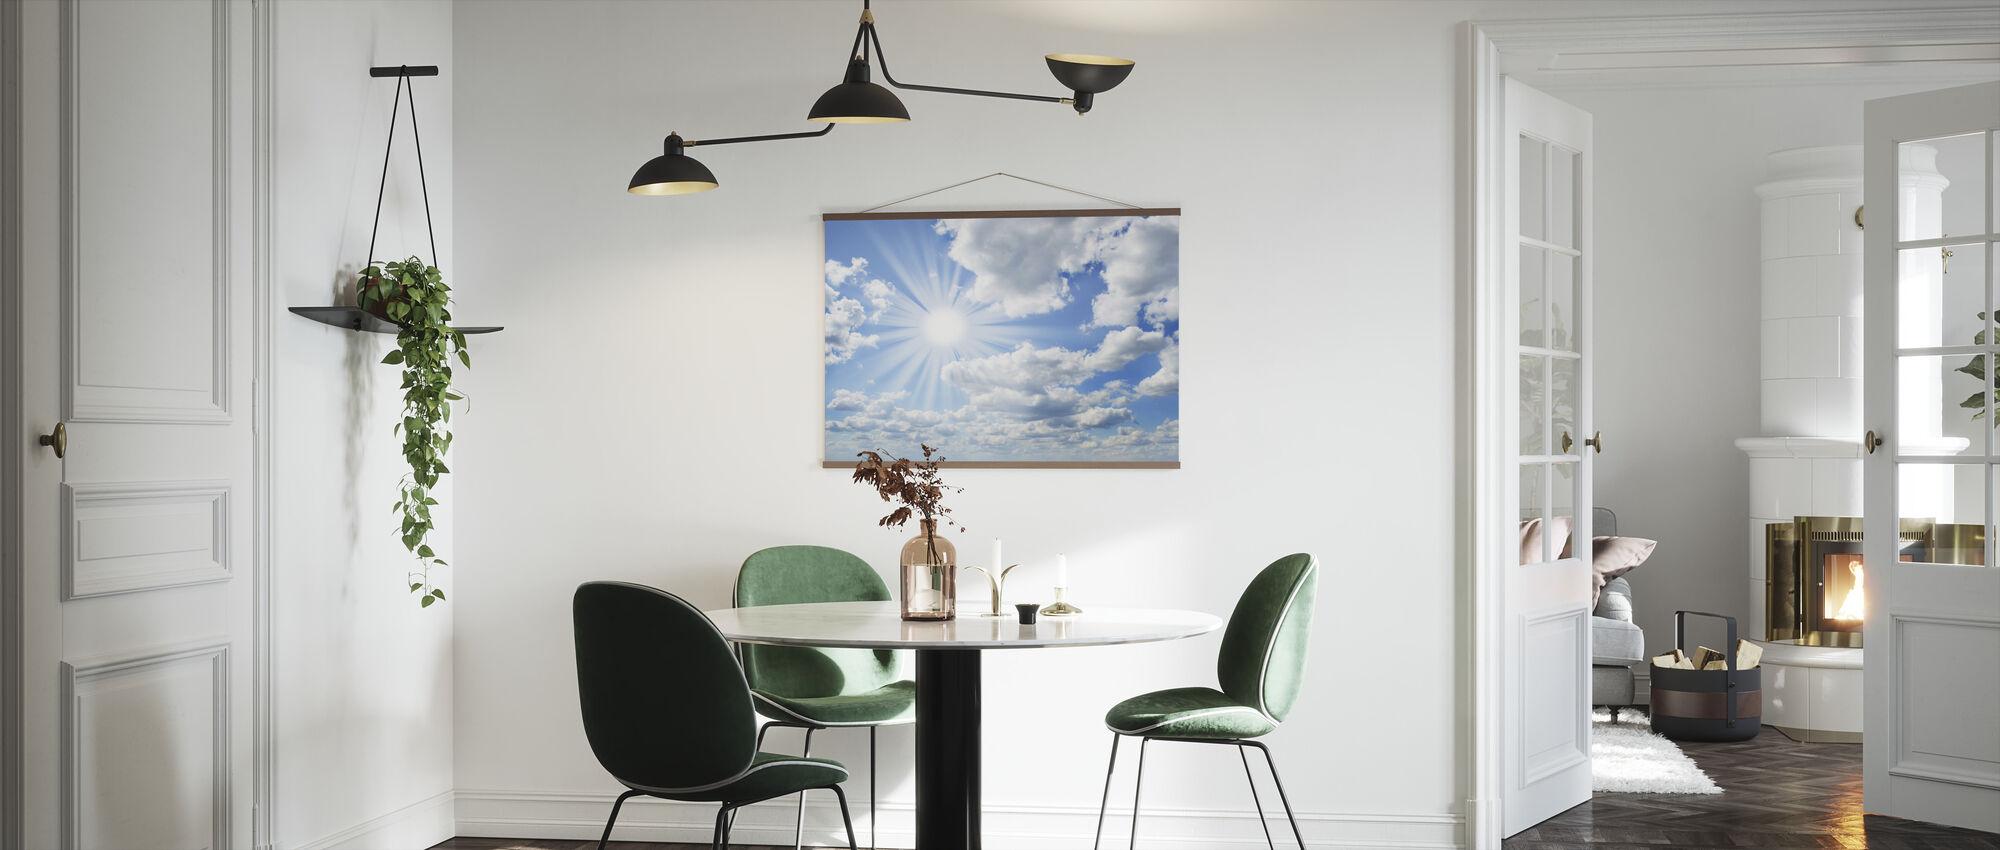 Zonnige dag - Poster - Keuken